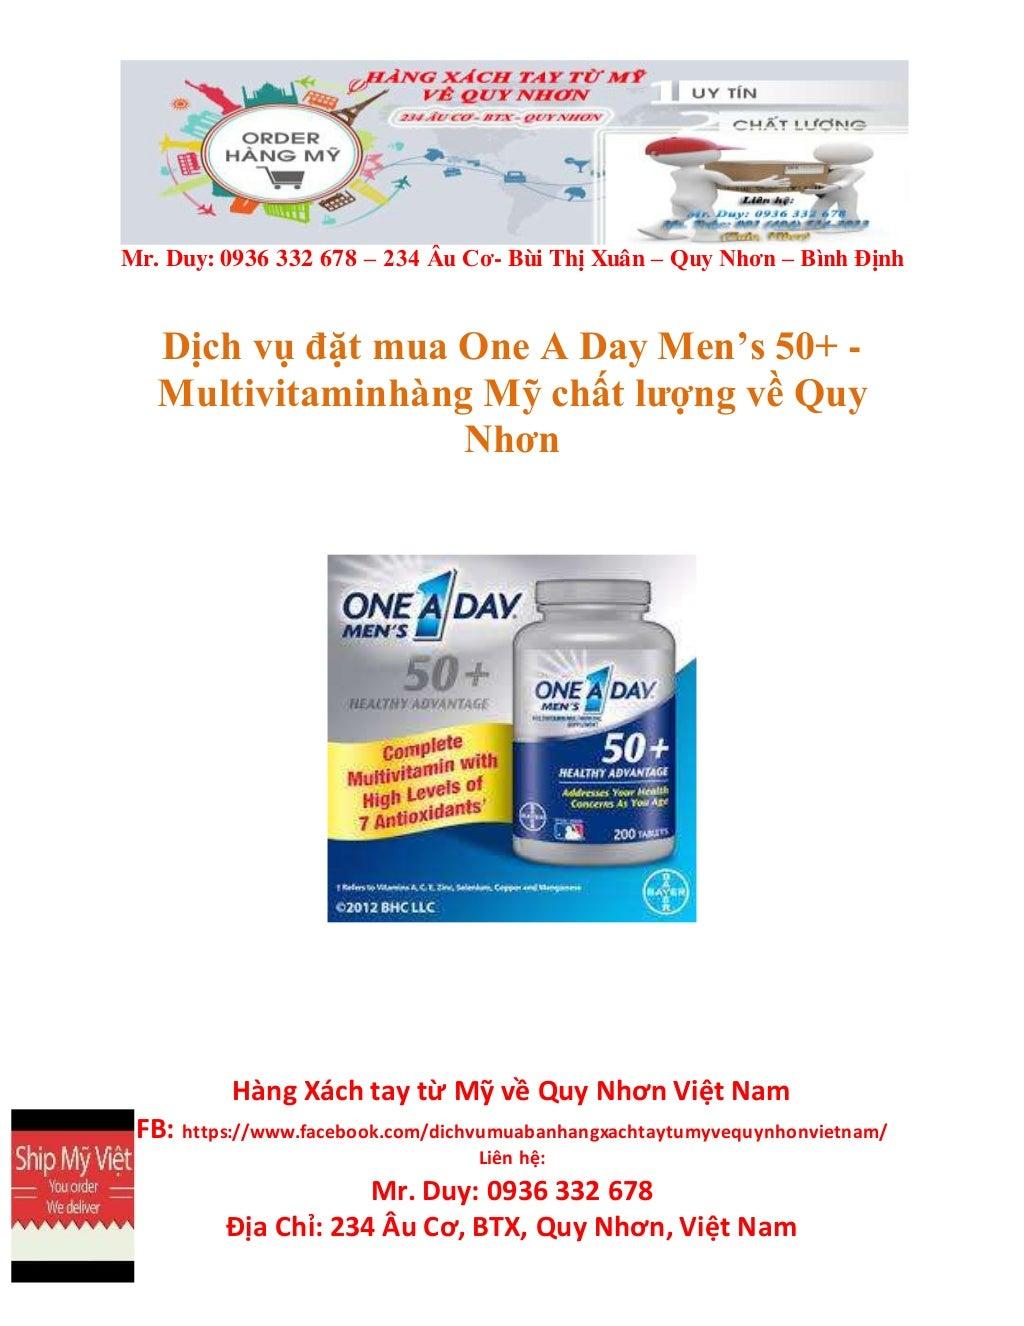 Địa chỉ nhập thực phẩm chức năng xách tay ở Quy Nhơn chuyên nghiệp - Magazine cover